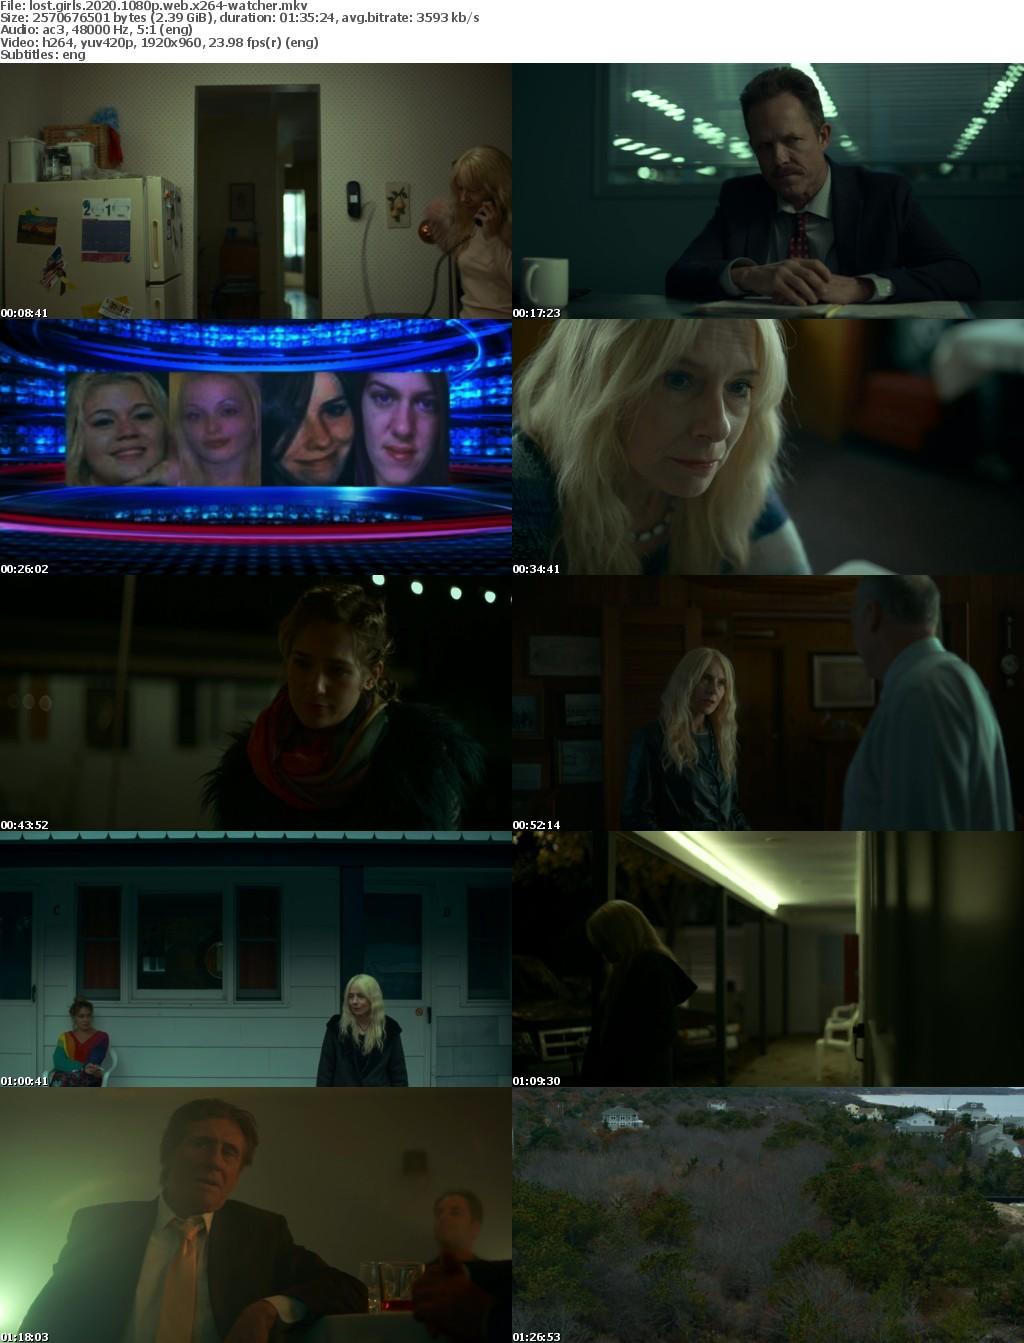 Lost Girls (2020) 1080p WEBRip x264-WATCHER